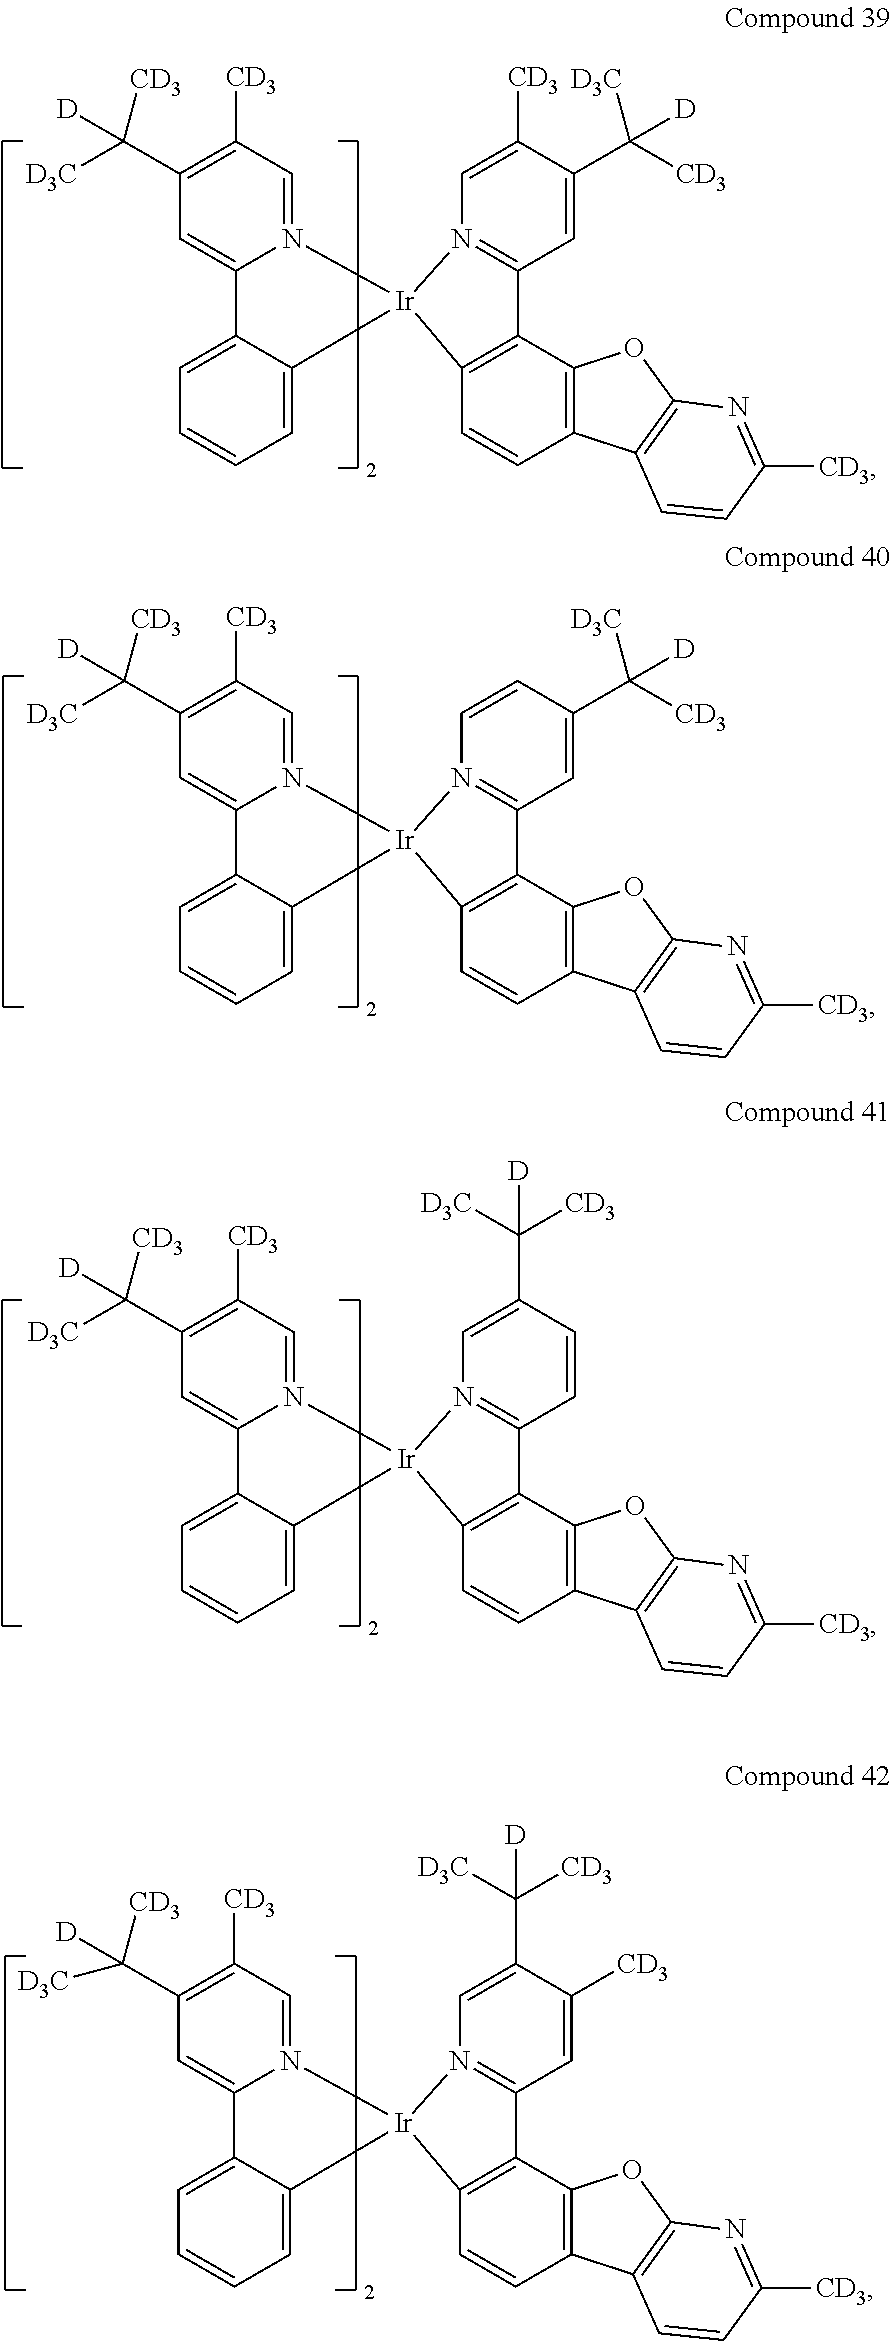 Figure US20160049599A1-20160218-C00156